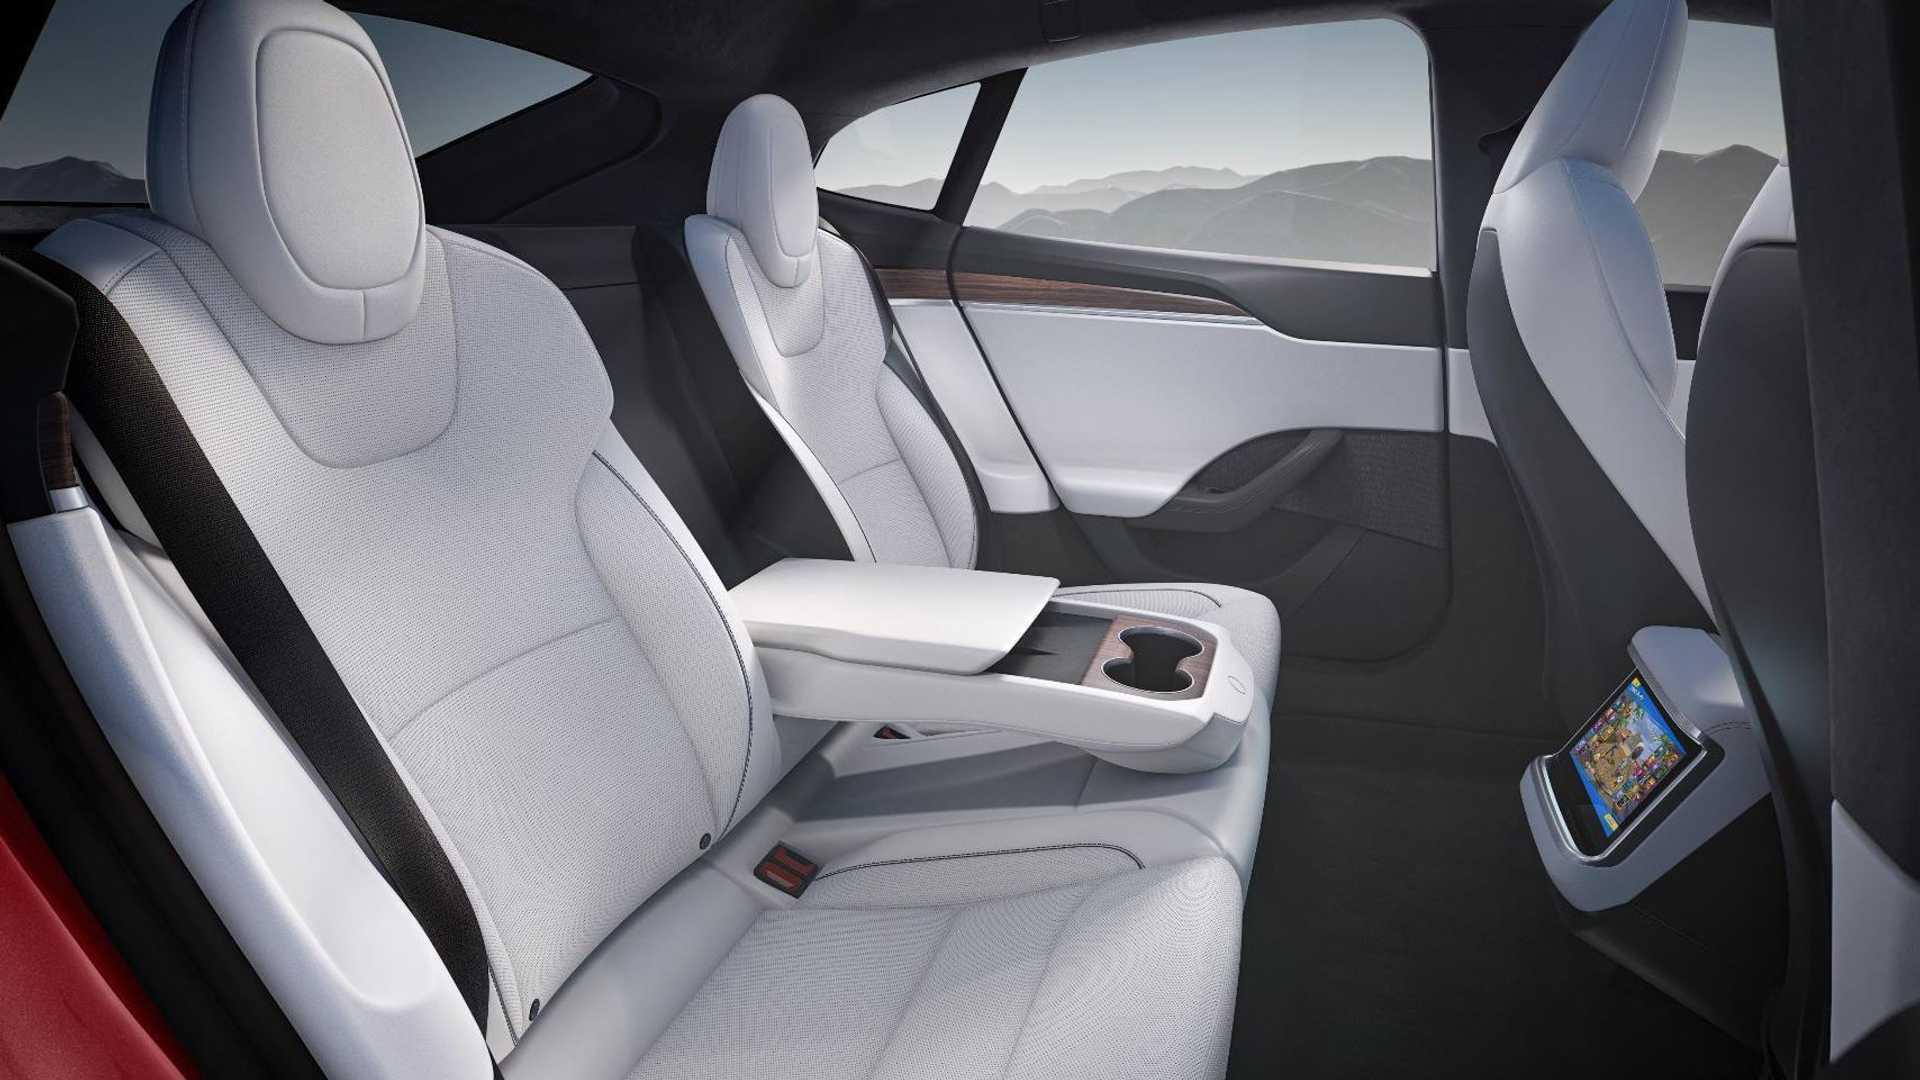 Задние сиденья в салоне автомобиля